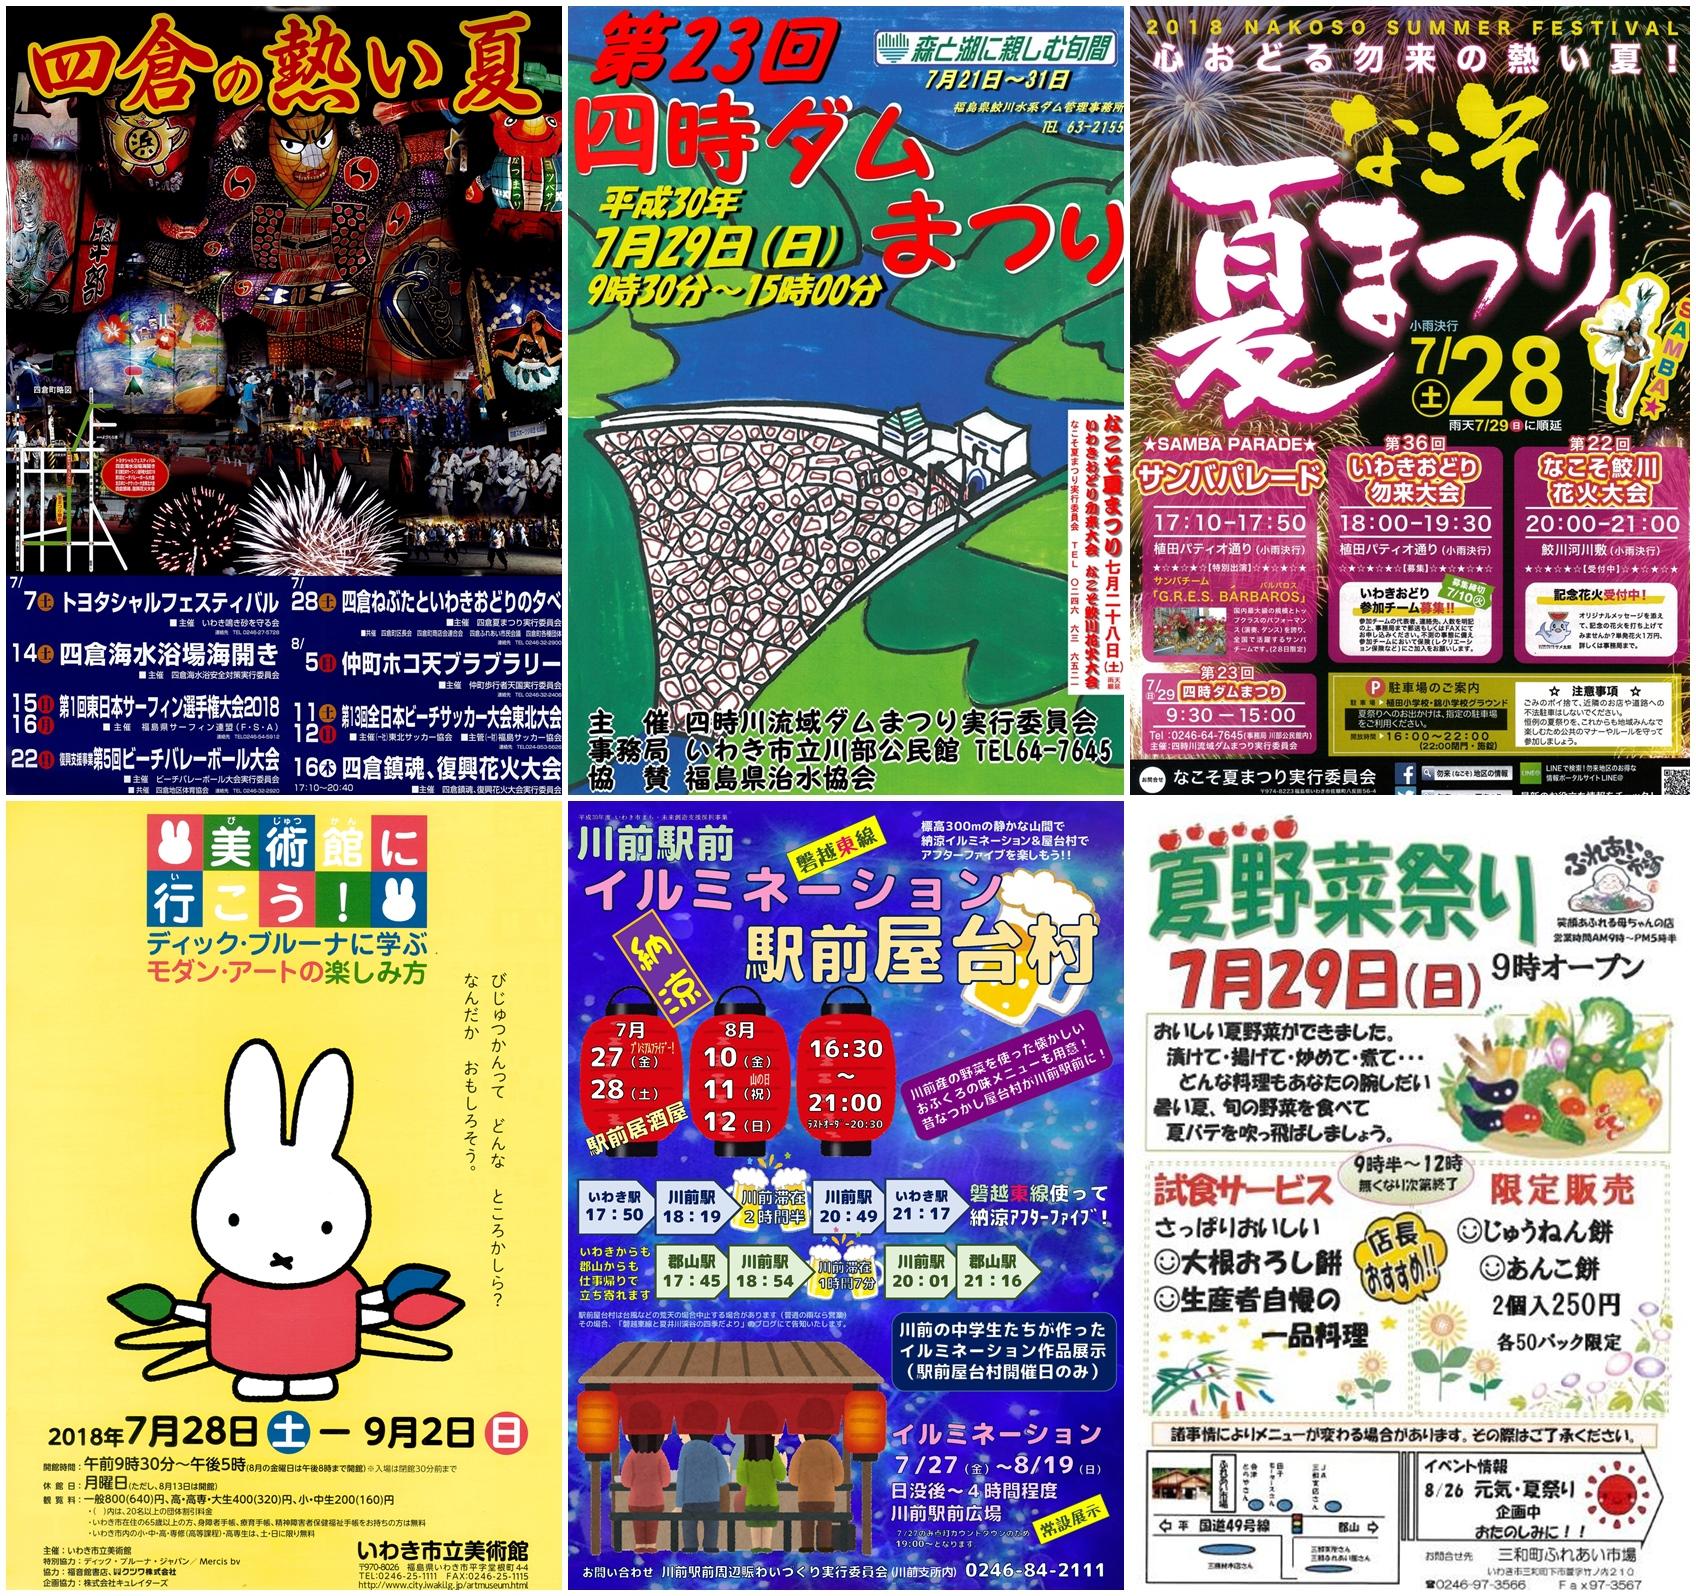 週末イベント情報 [平成30年7月25日(水)更新]